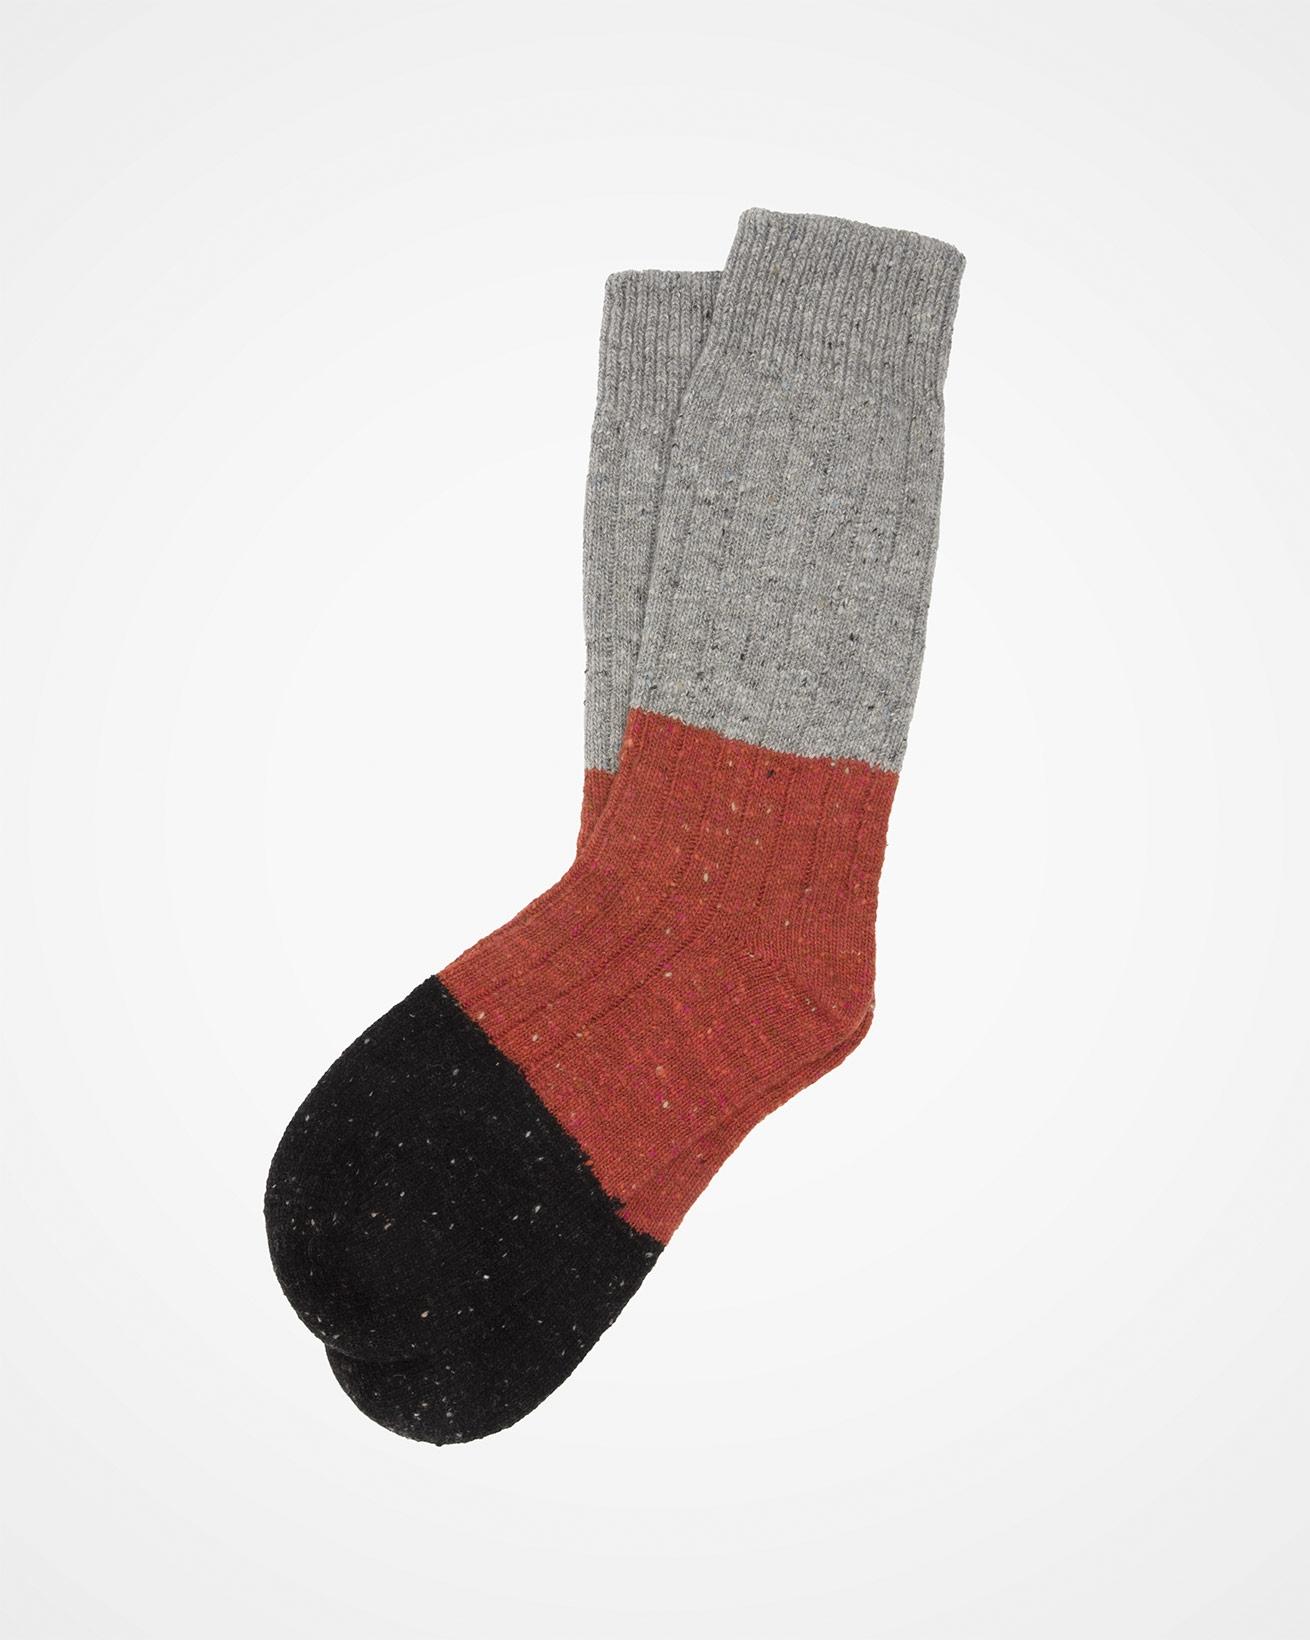 7775_mens-donegal-colourblock-socks_silver-grey_flat.jpg